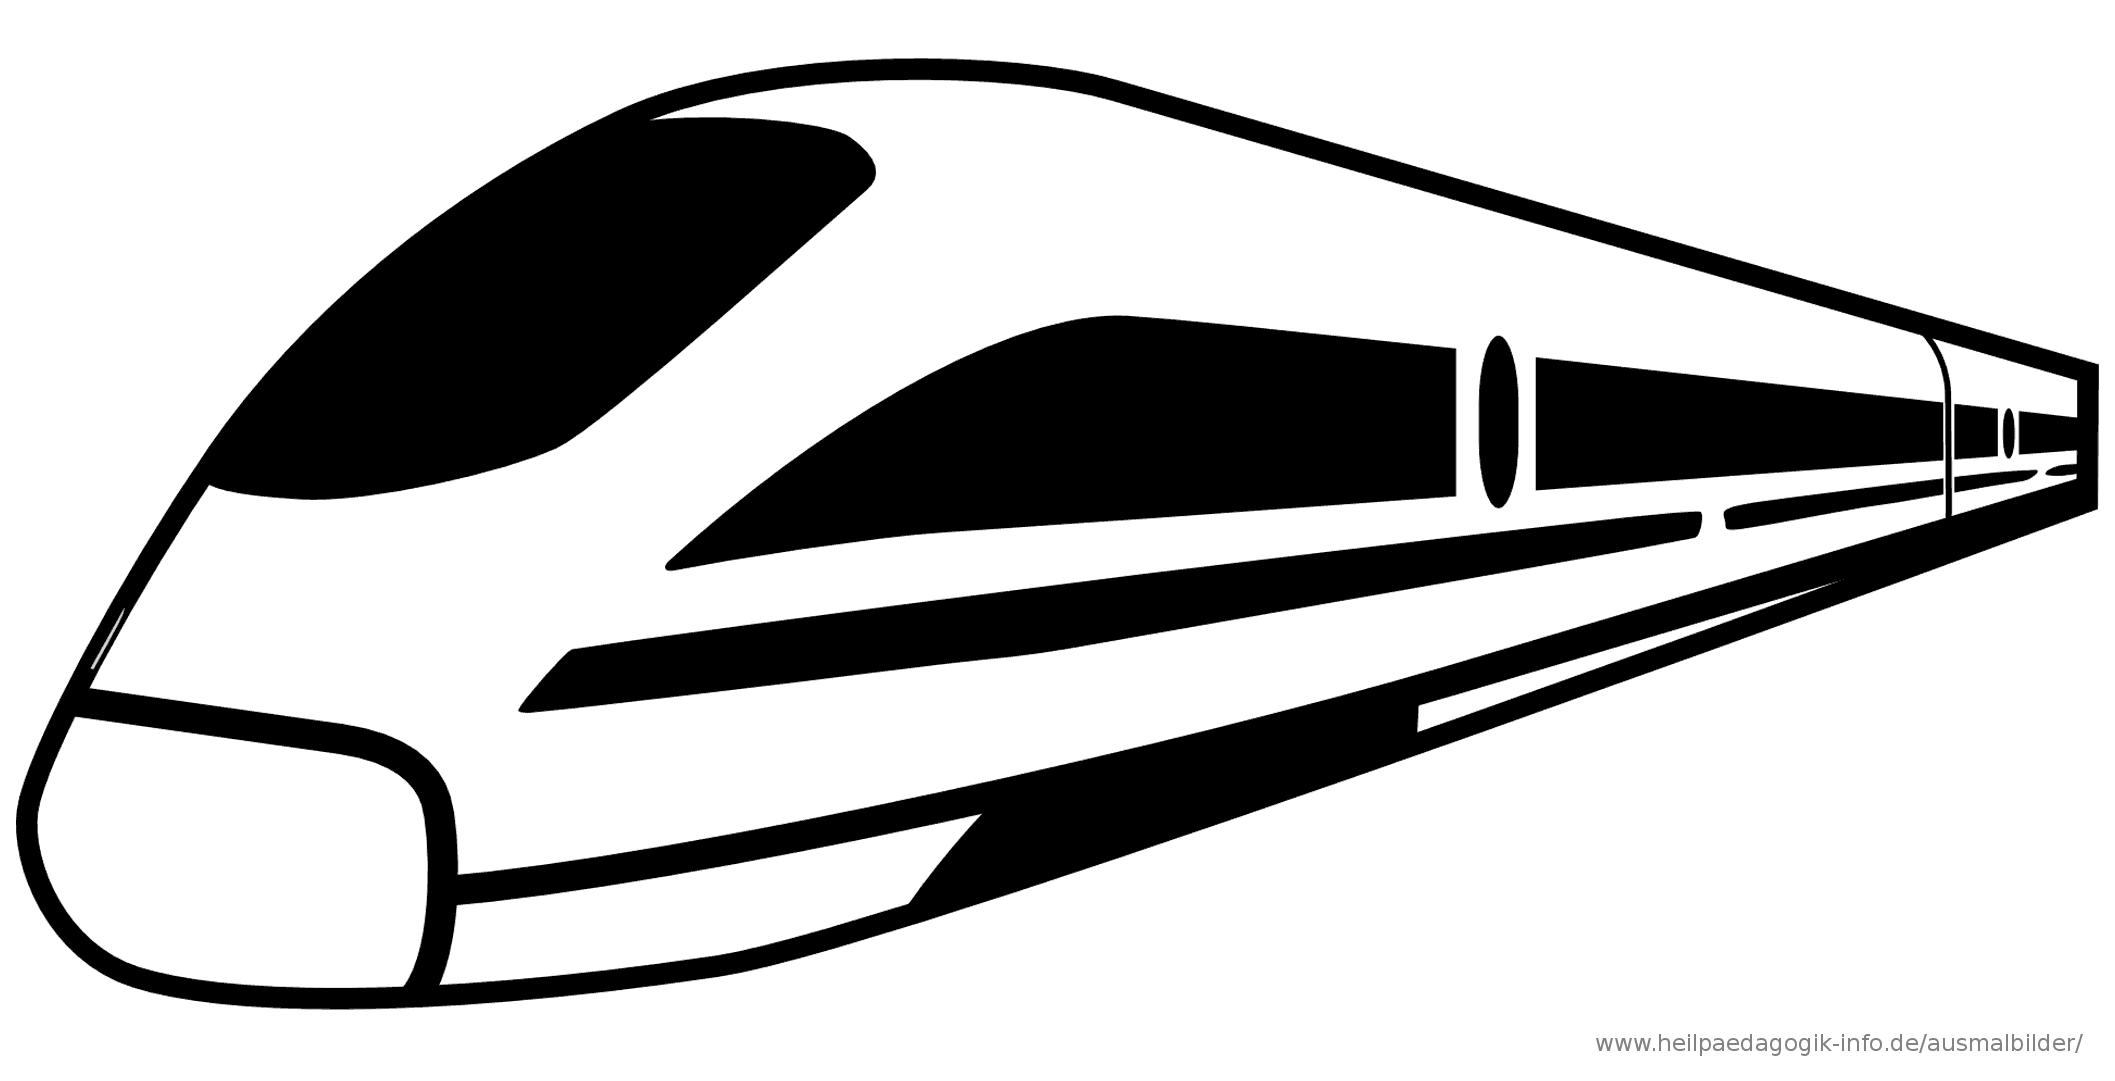 Ausmalbilder Eisenbahn Malvorlagen Für Kinder Fa Projekt Auto